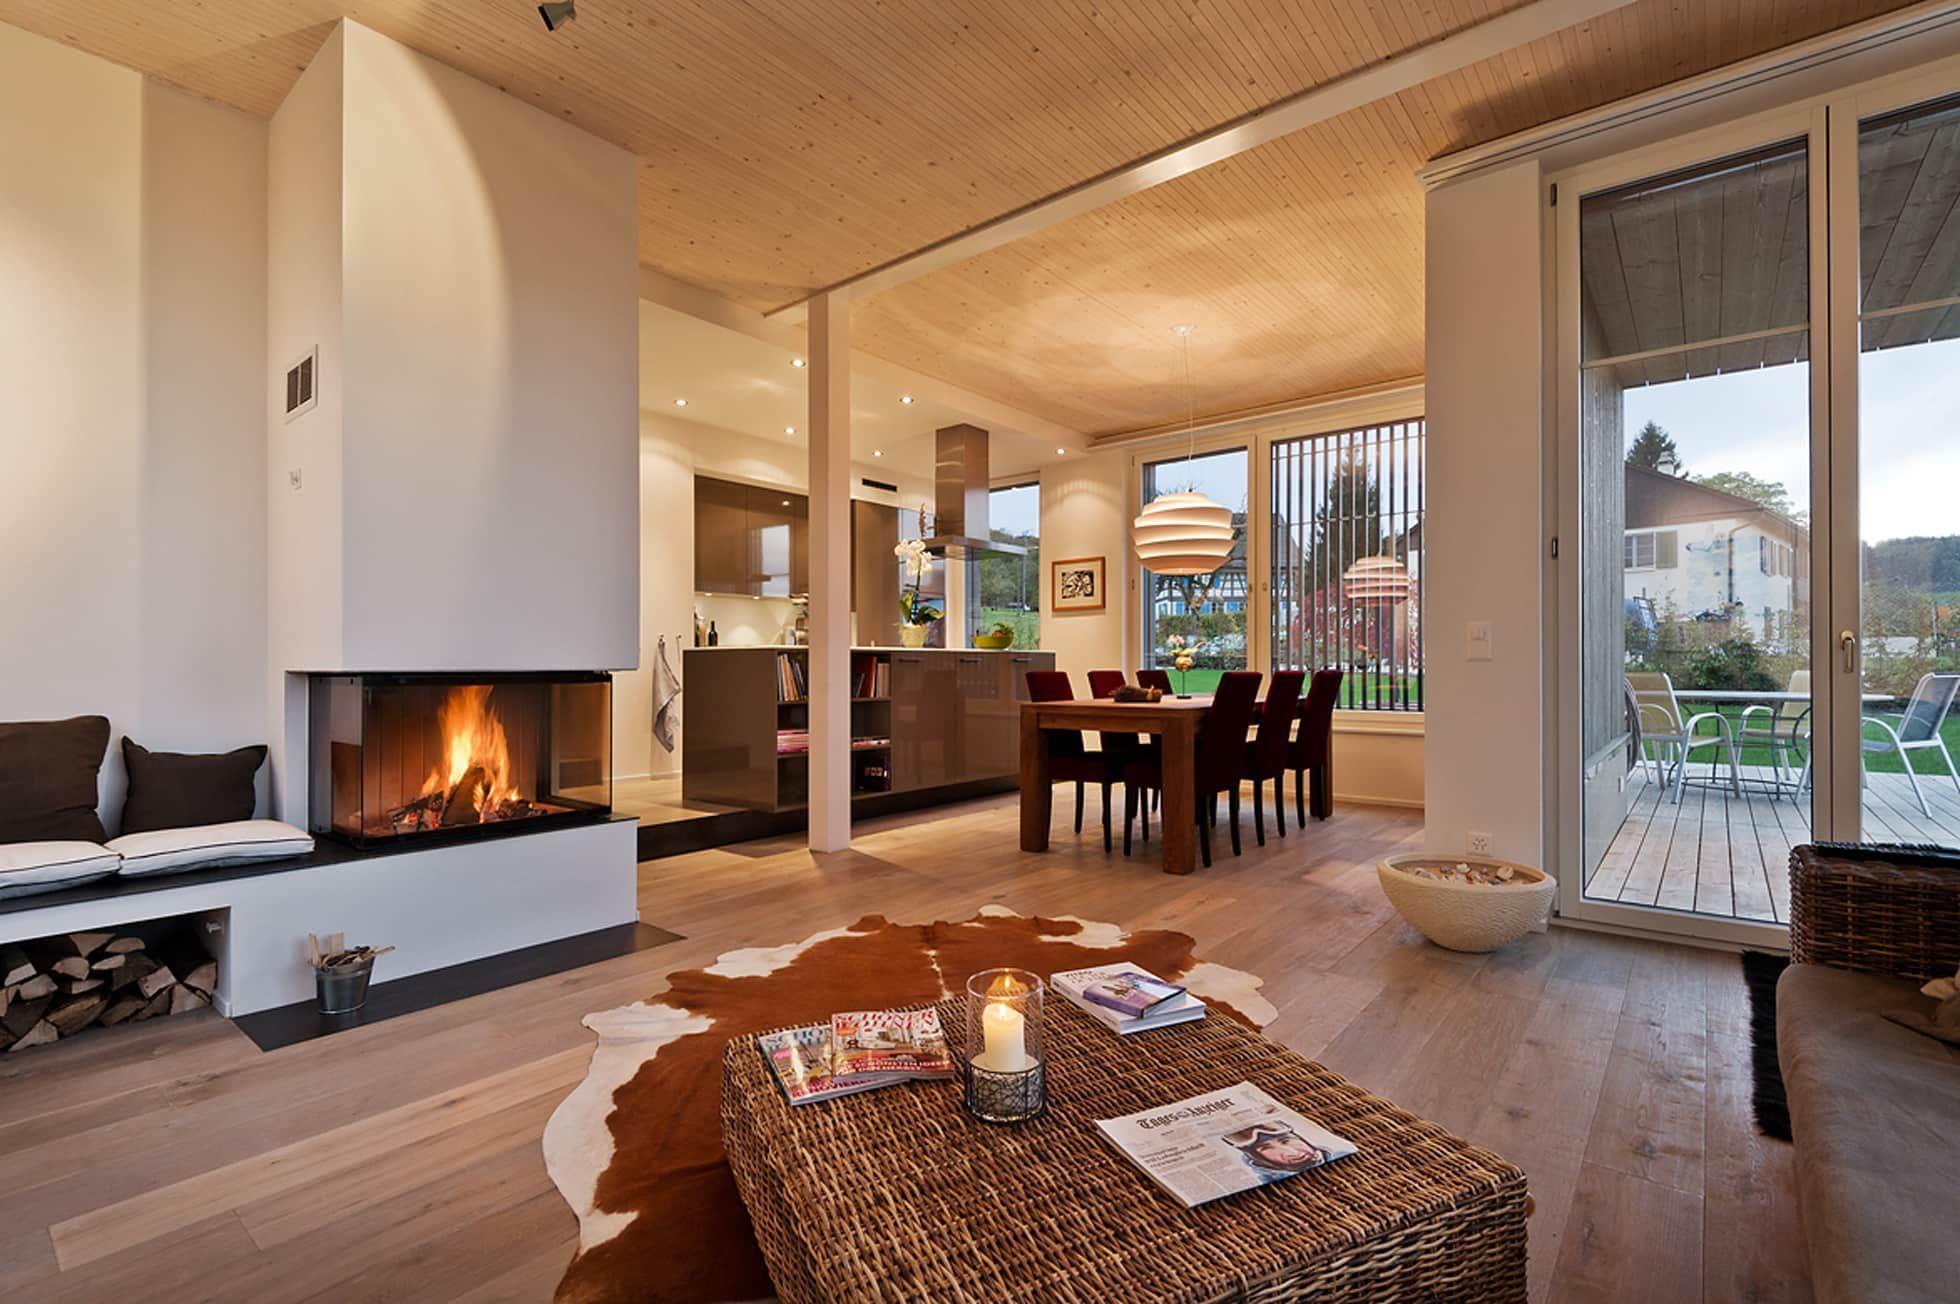 Efh huggenberg wohnzimmer im landhausstil von giesser ...